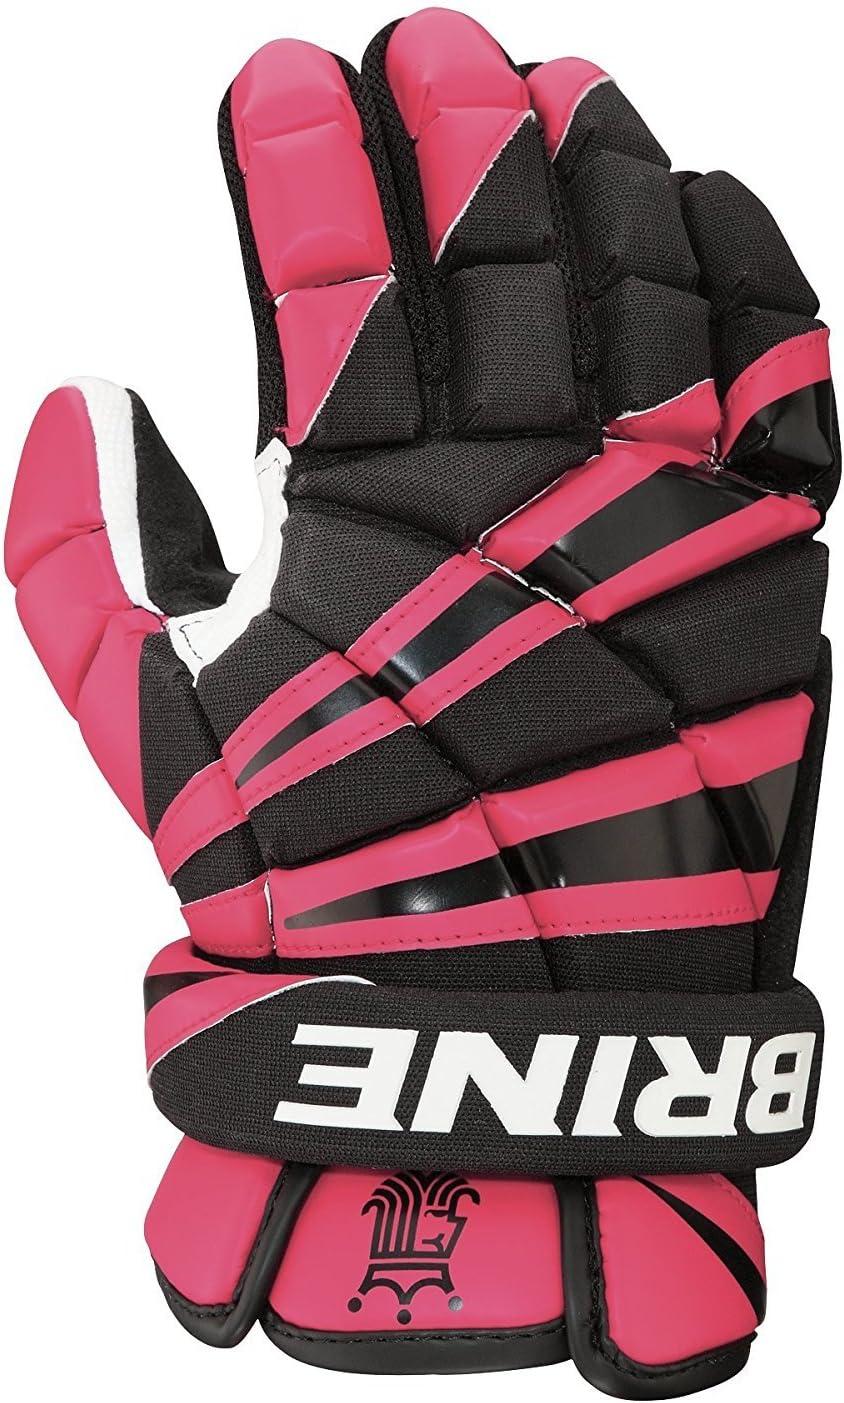 年末年始大決算 Brine Phantom Glove キャンペーンもお見逃しなく Lacrosse